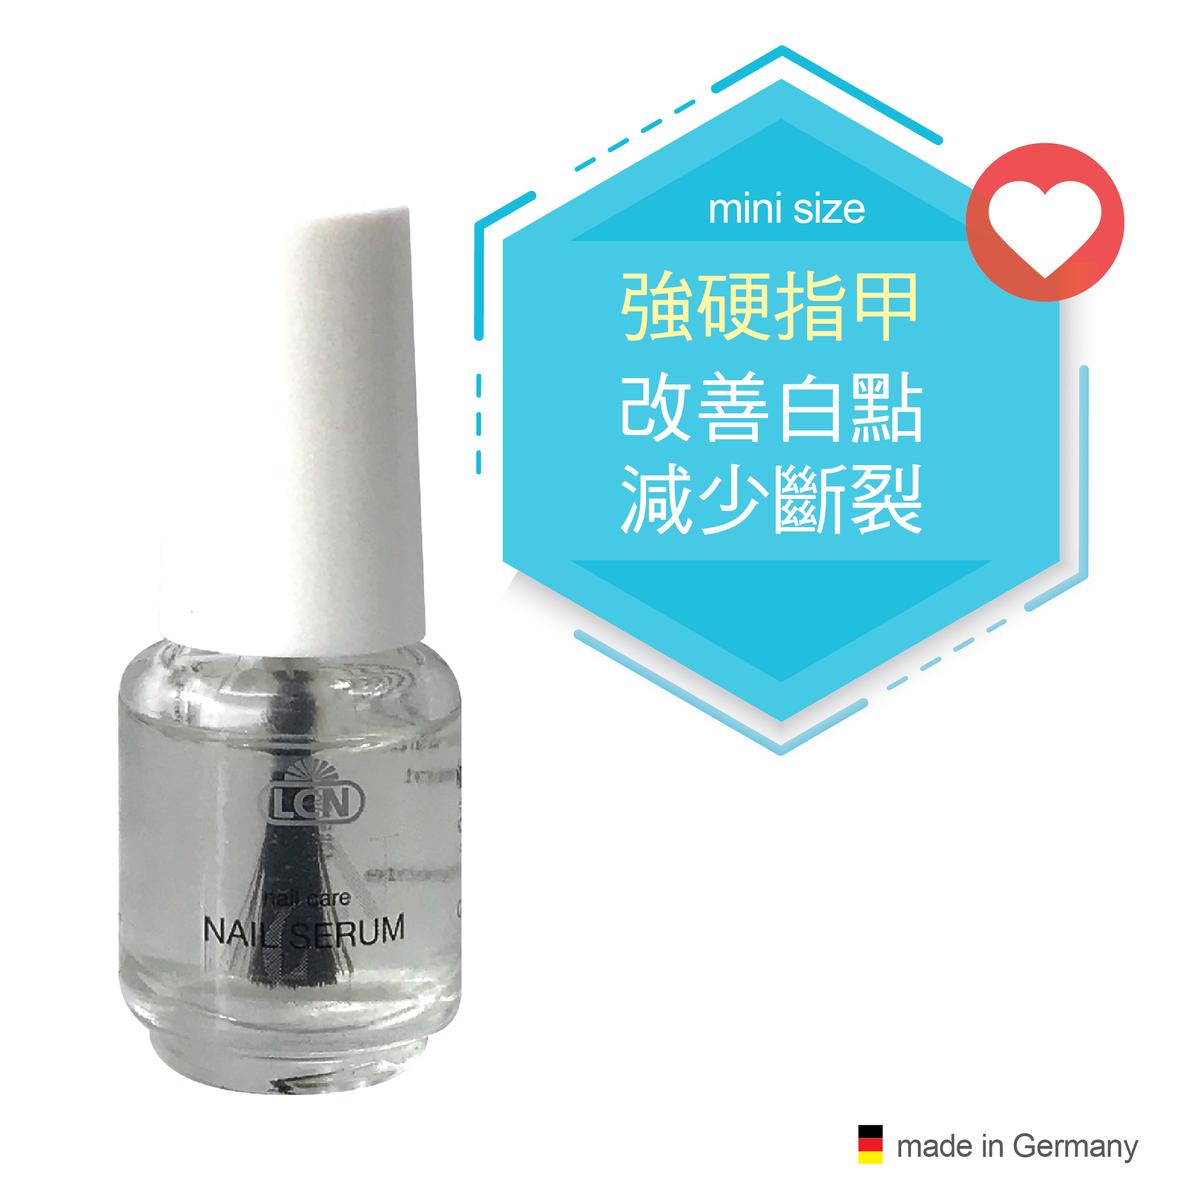 Nail Serum, 4.5ml, Bottle